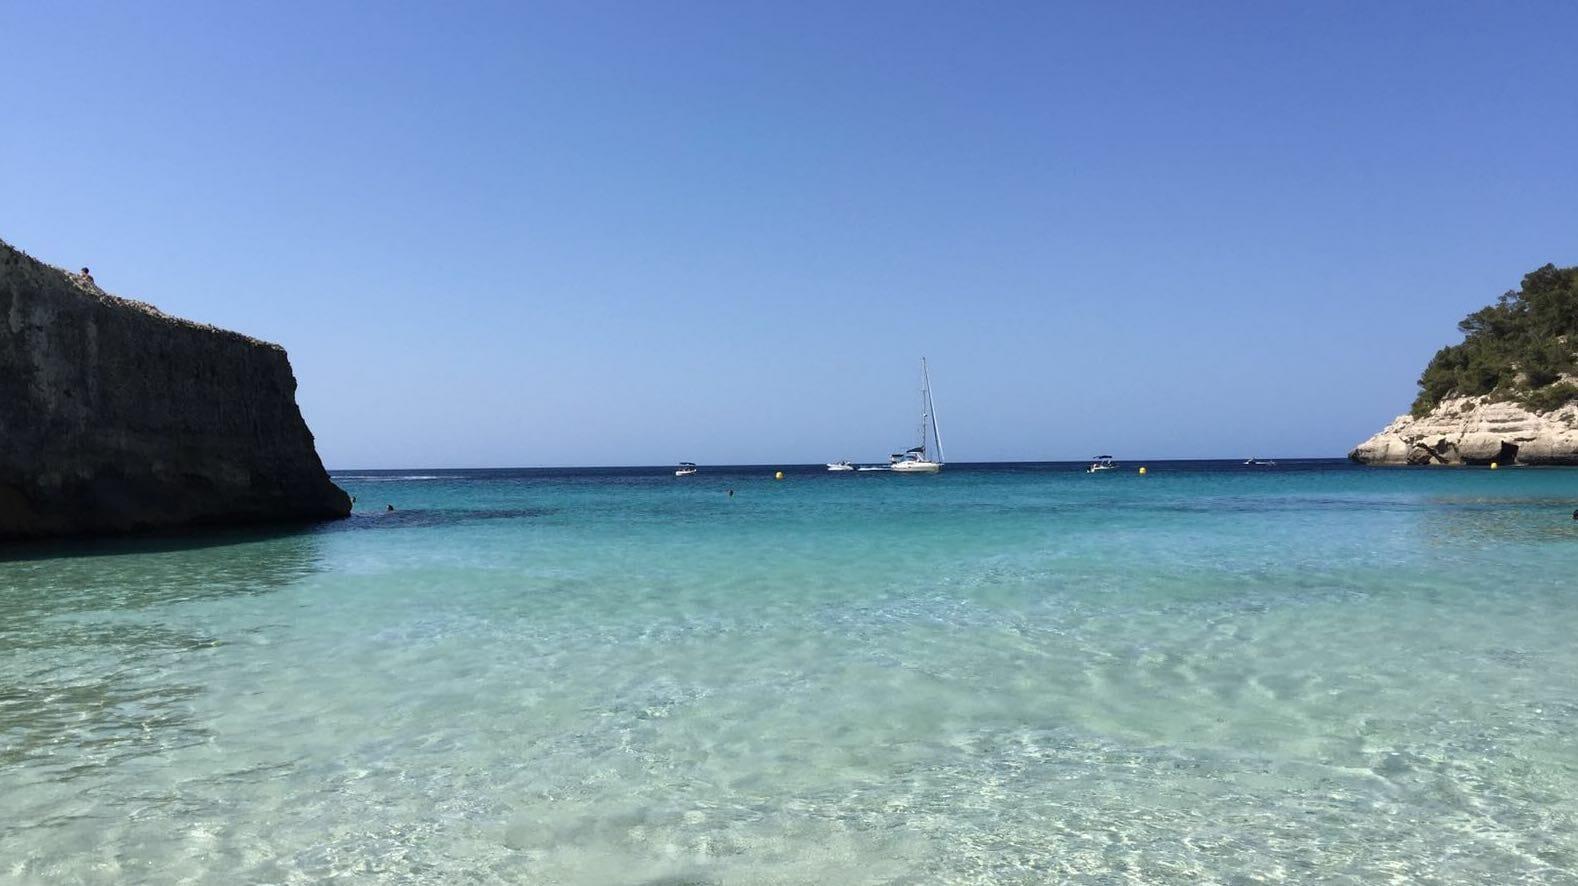 Foto de cala Mitjana en Menorca tomada desde la orilla con el agua transparente y un velero al fondo